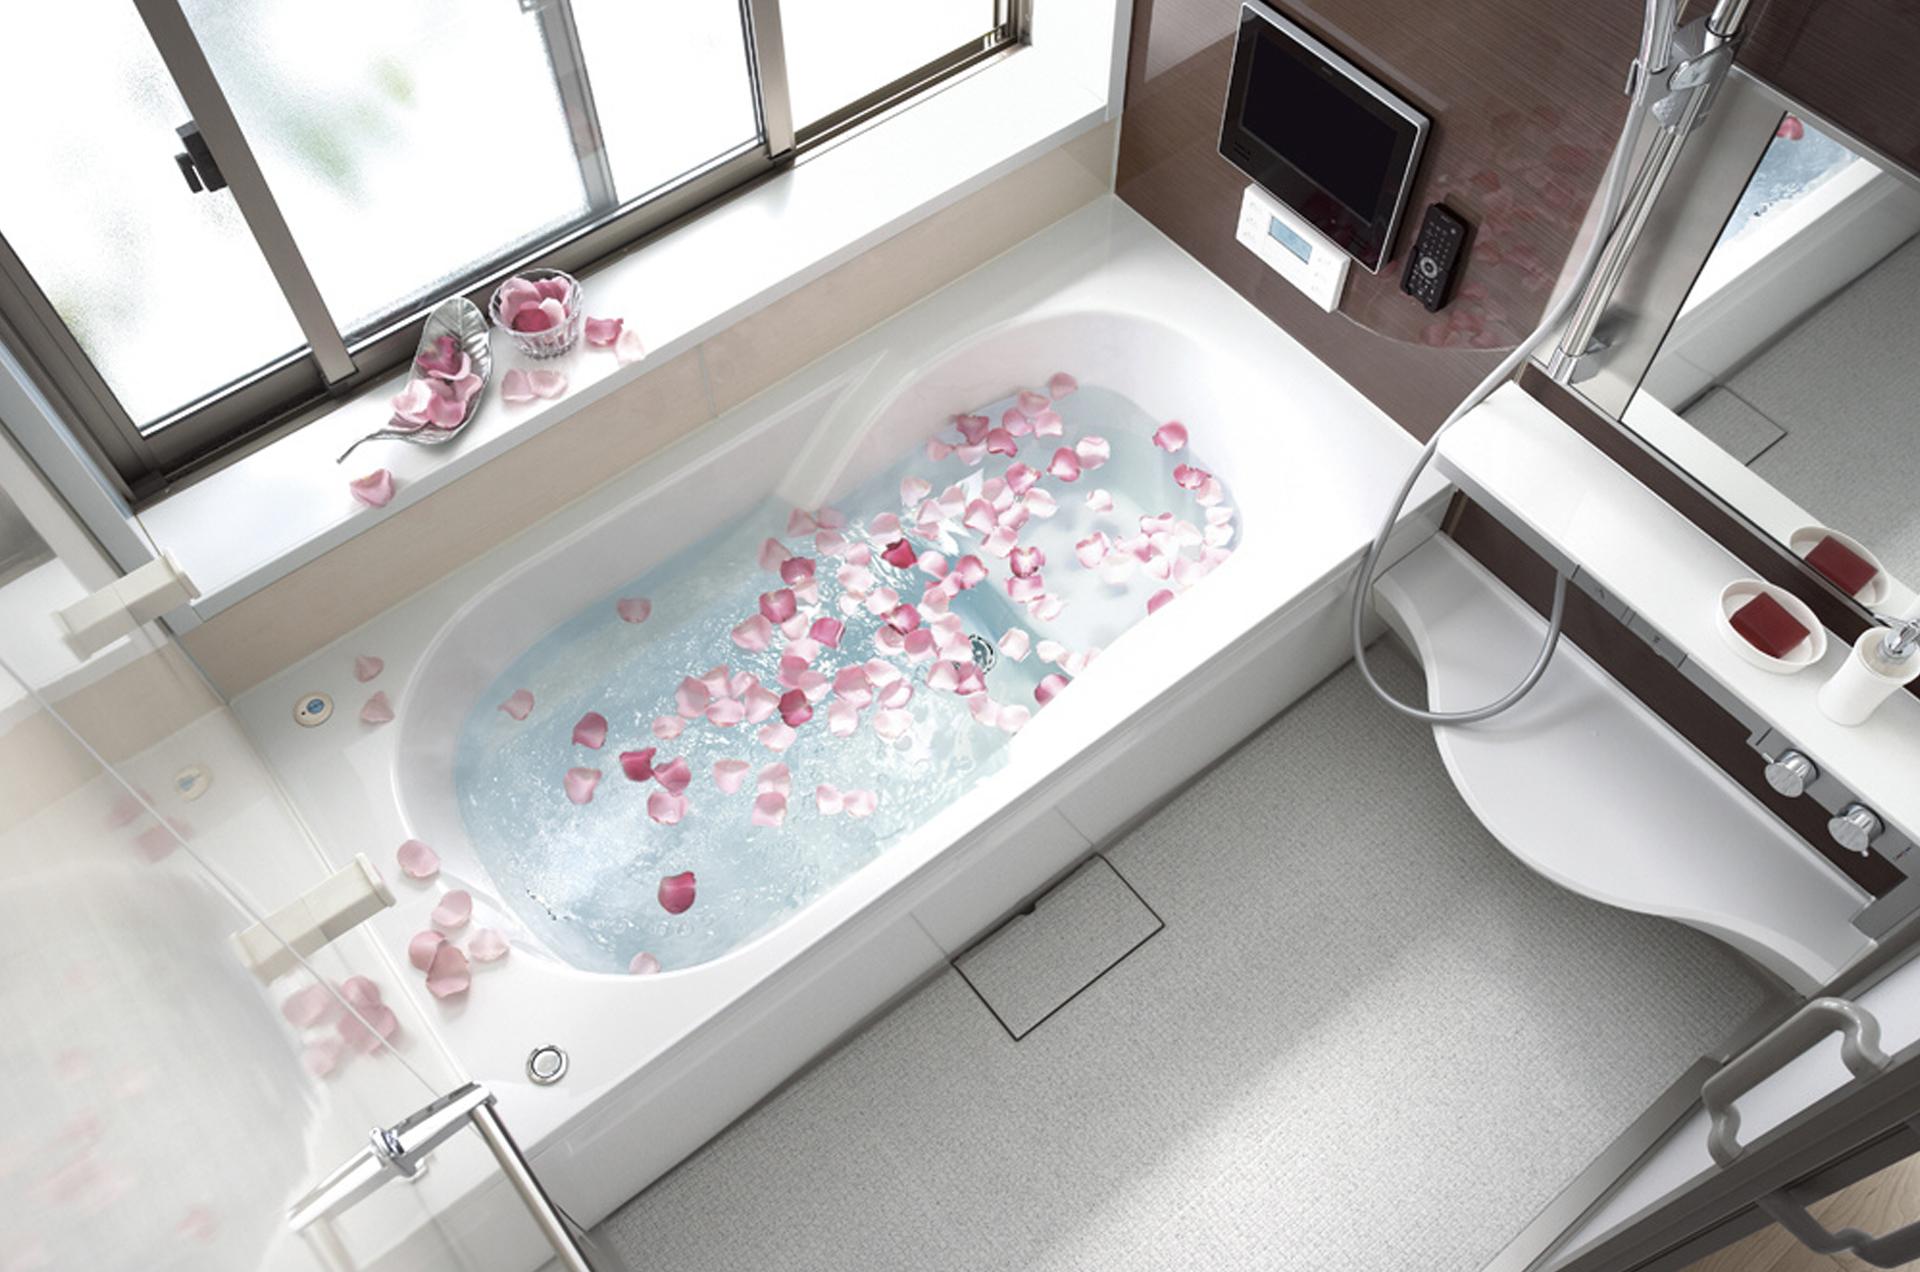 システムバス/浴室乾燥暖房機